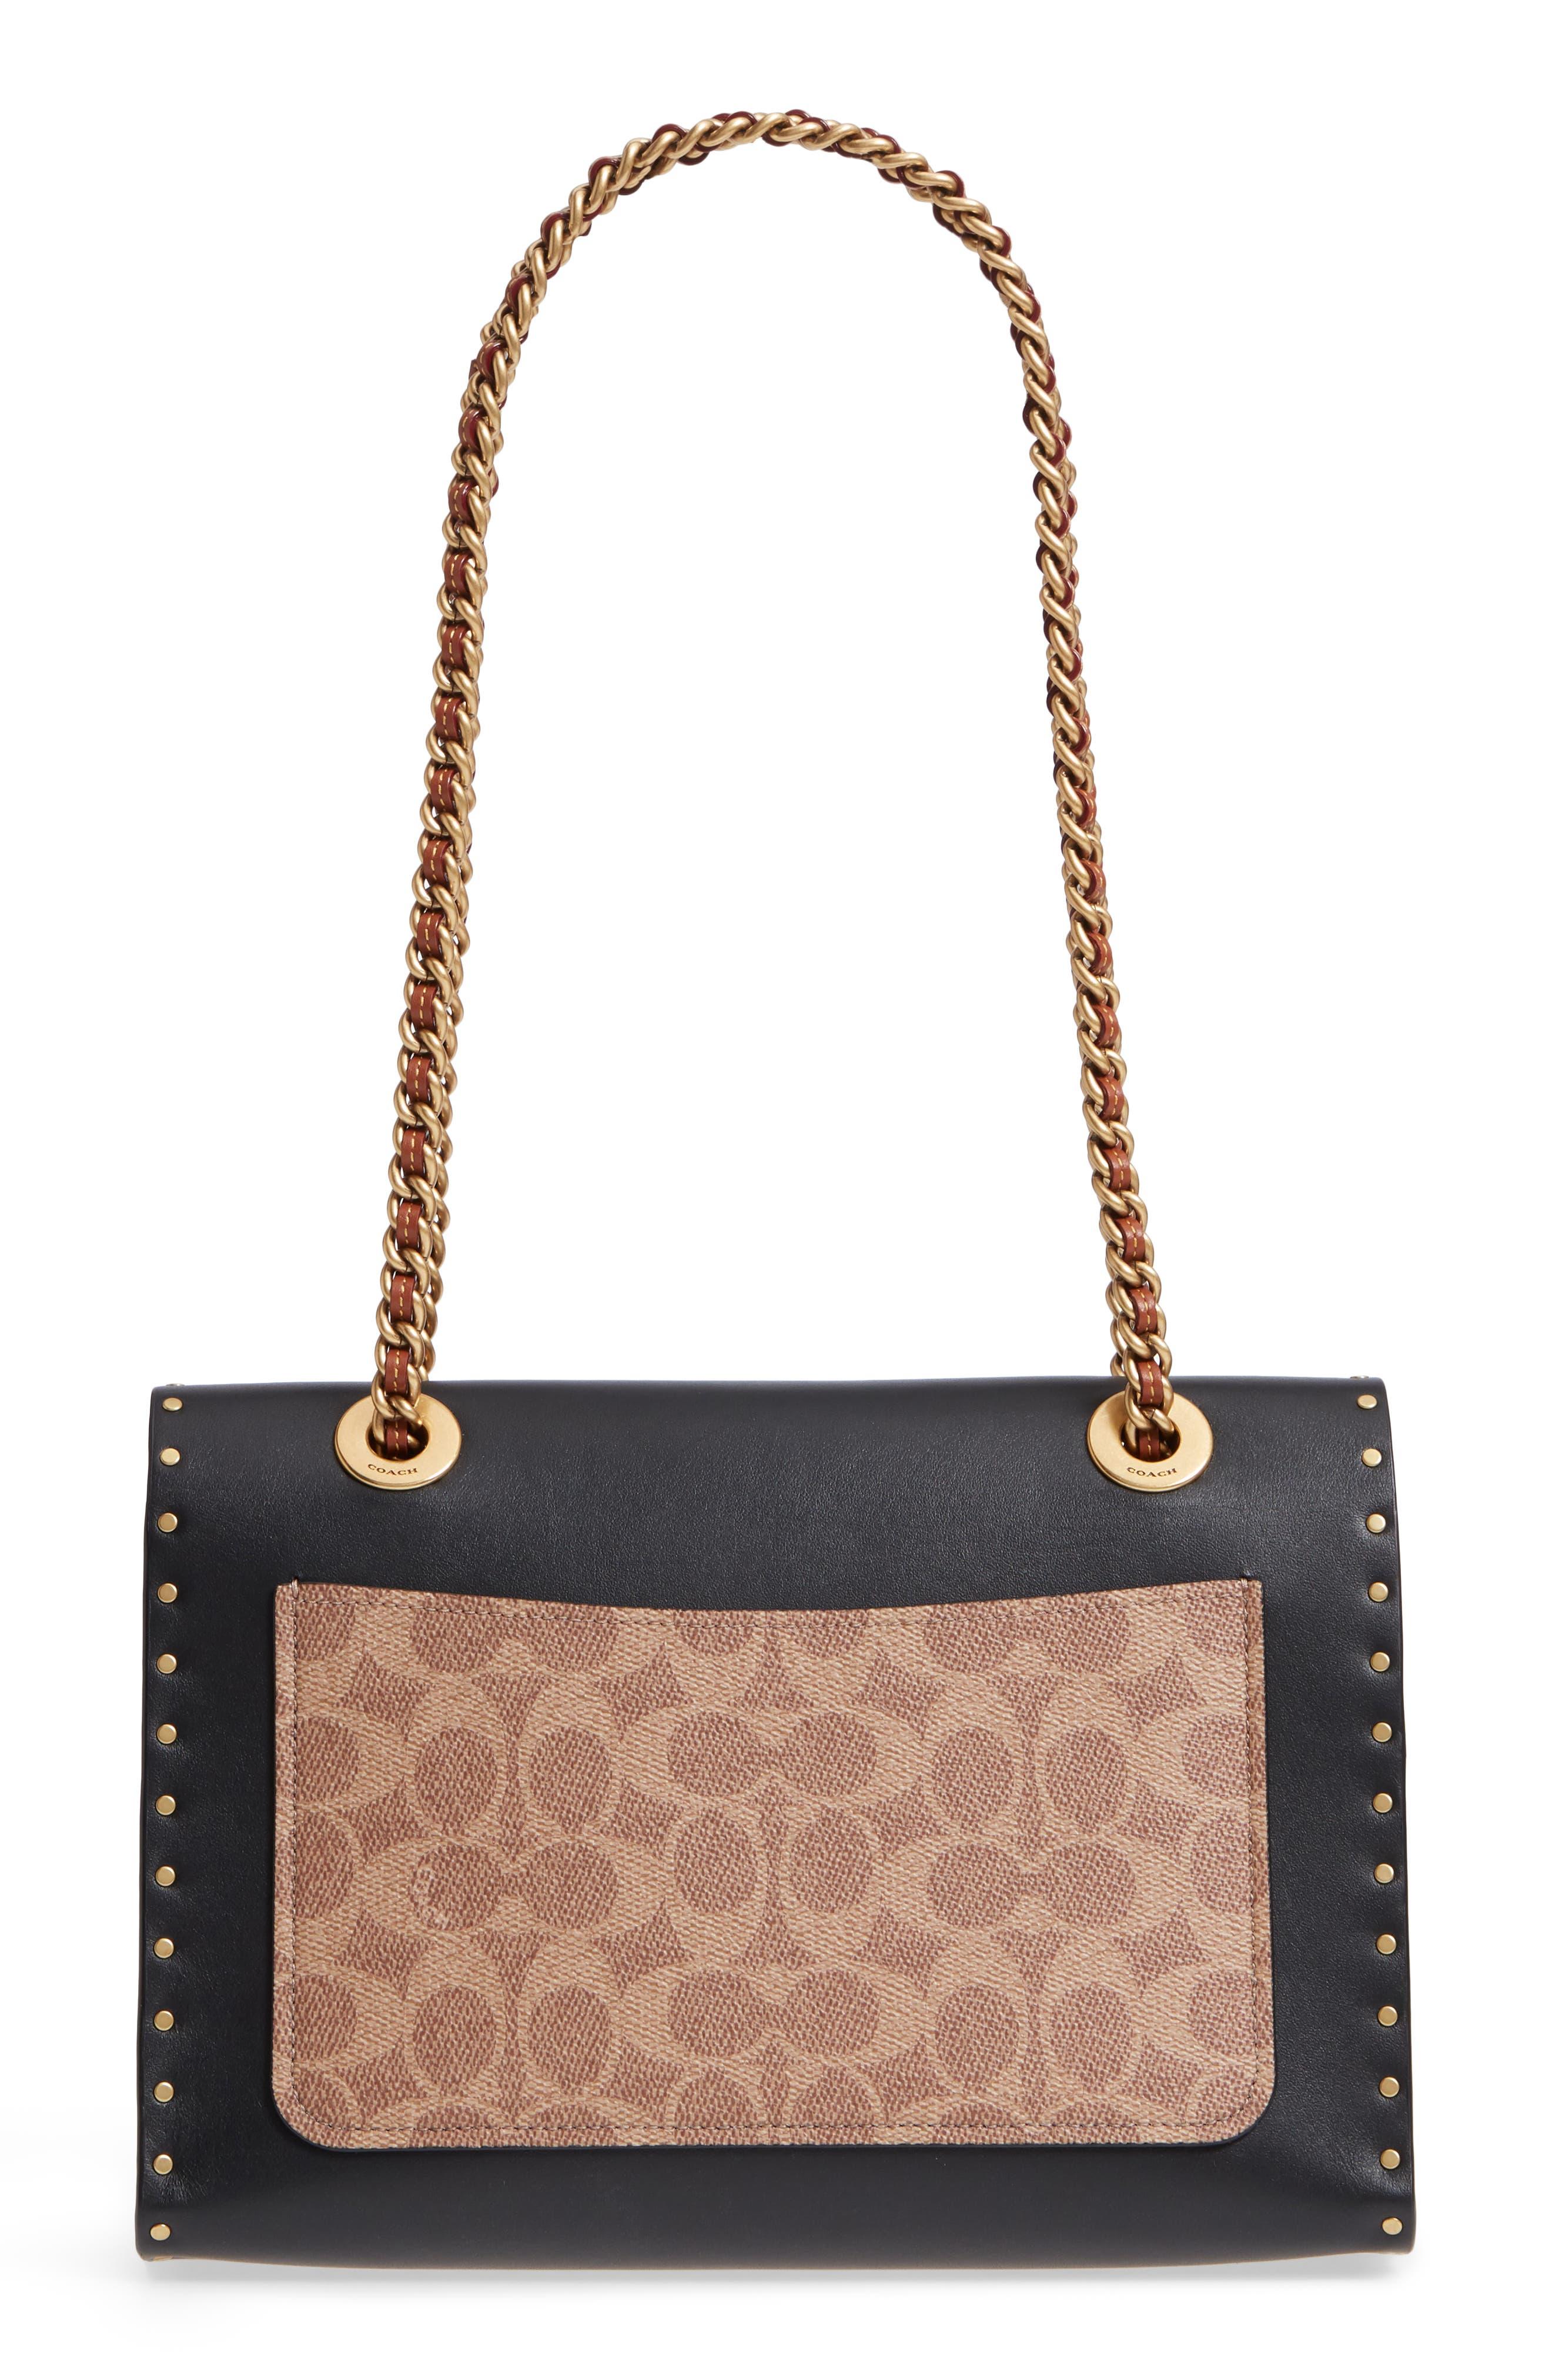 Parker Leather & Genuine Snakeskin Shoulder Bag,                             Alternate thumbnail 3, color,                             BLACK MULTI